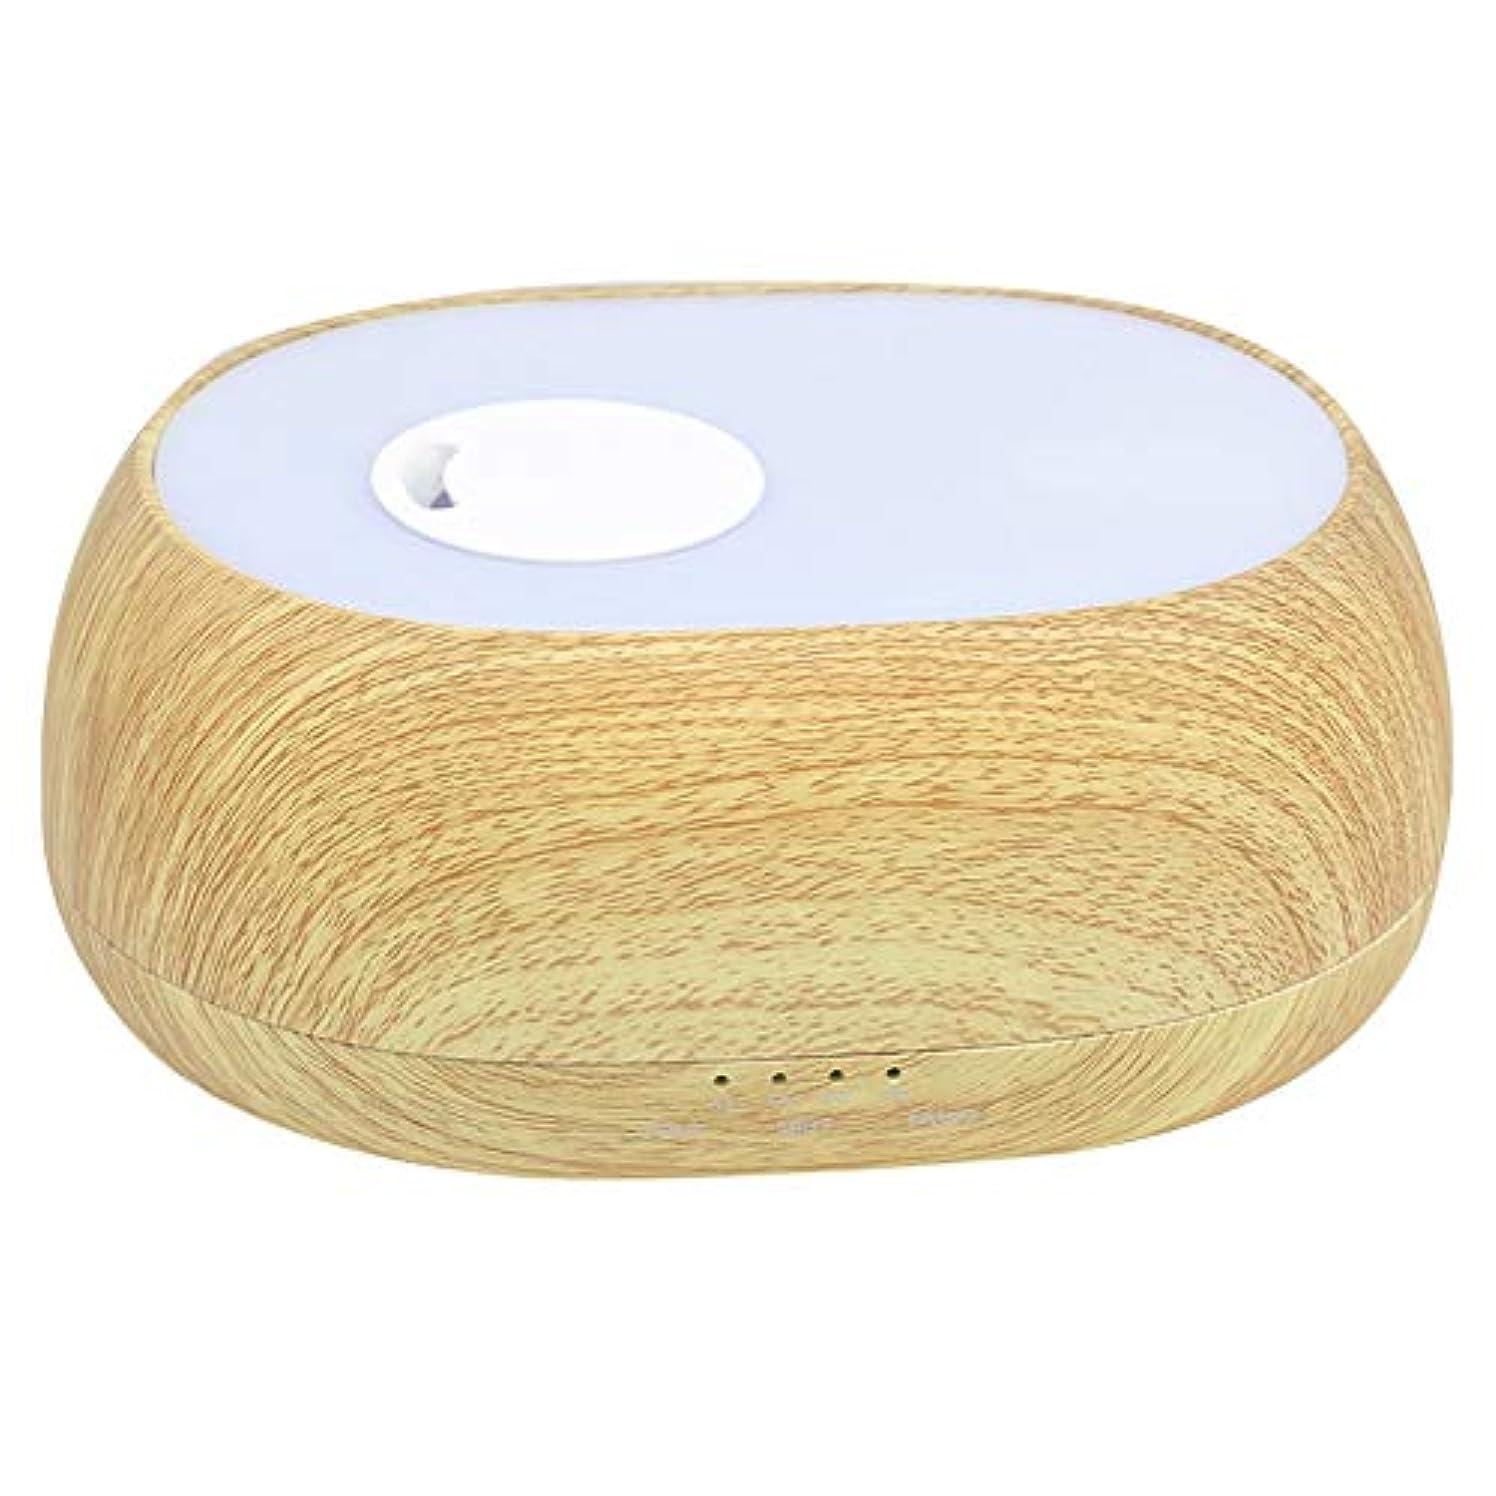 同じ拍手含意加湿器 超音波 クールミスト 7色ライト アロマセラピー 芳香 オイル蒸発器 ディフューザー エッセンシャルオイル エアー浄化 (500ml)(#1)